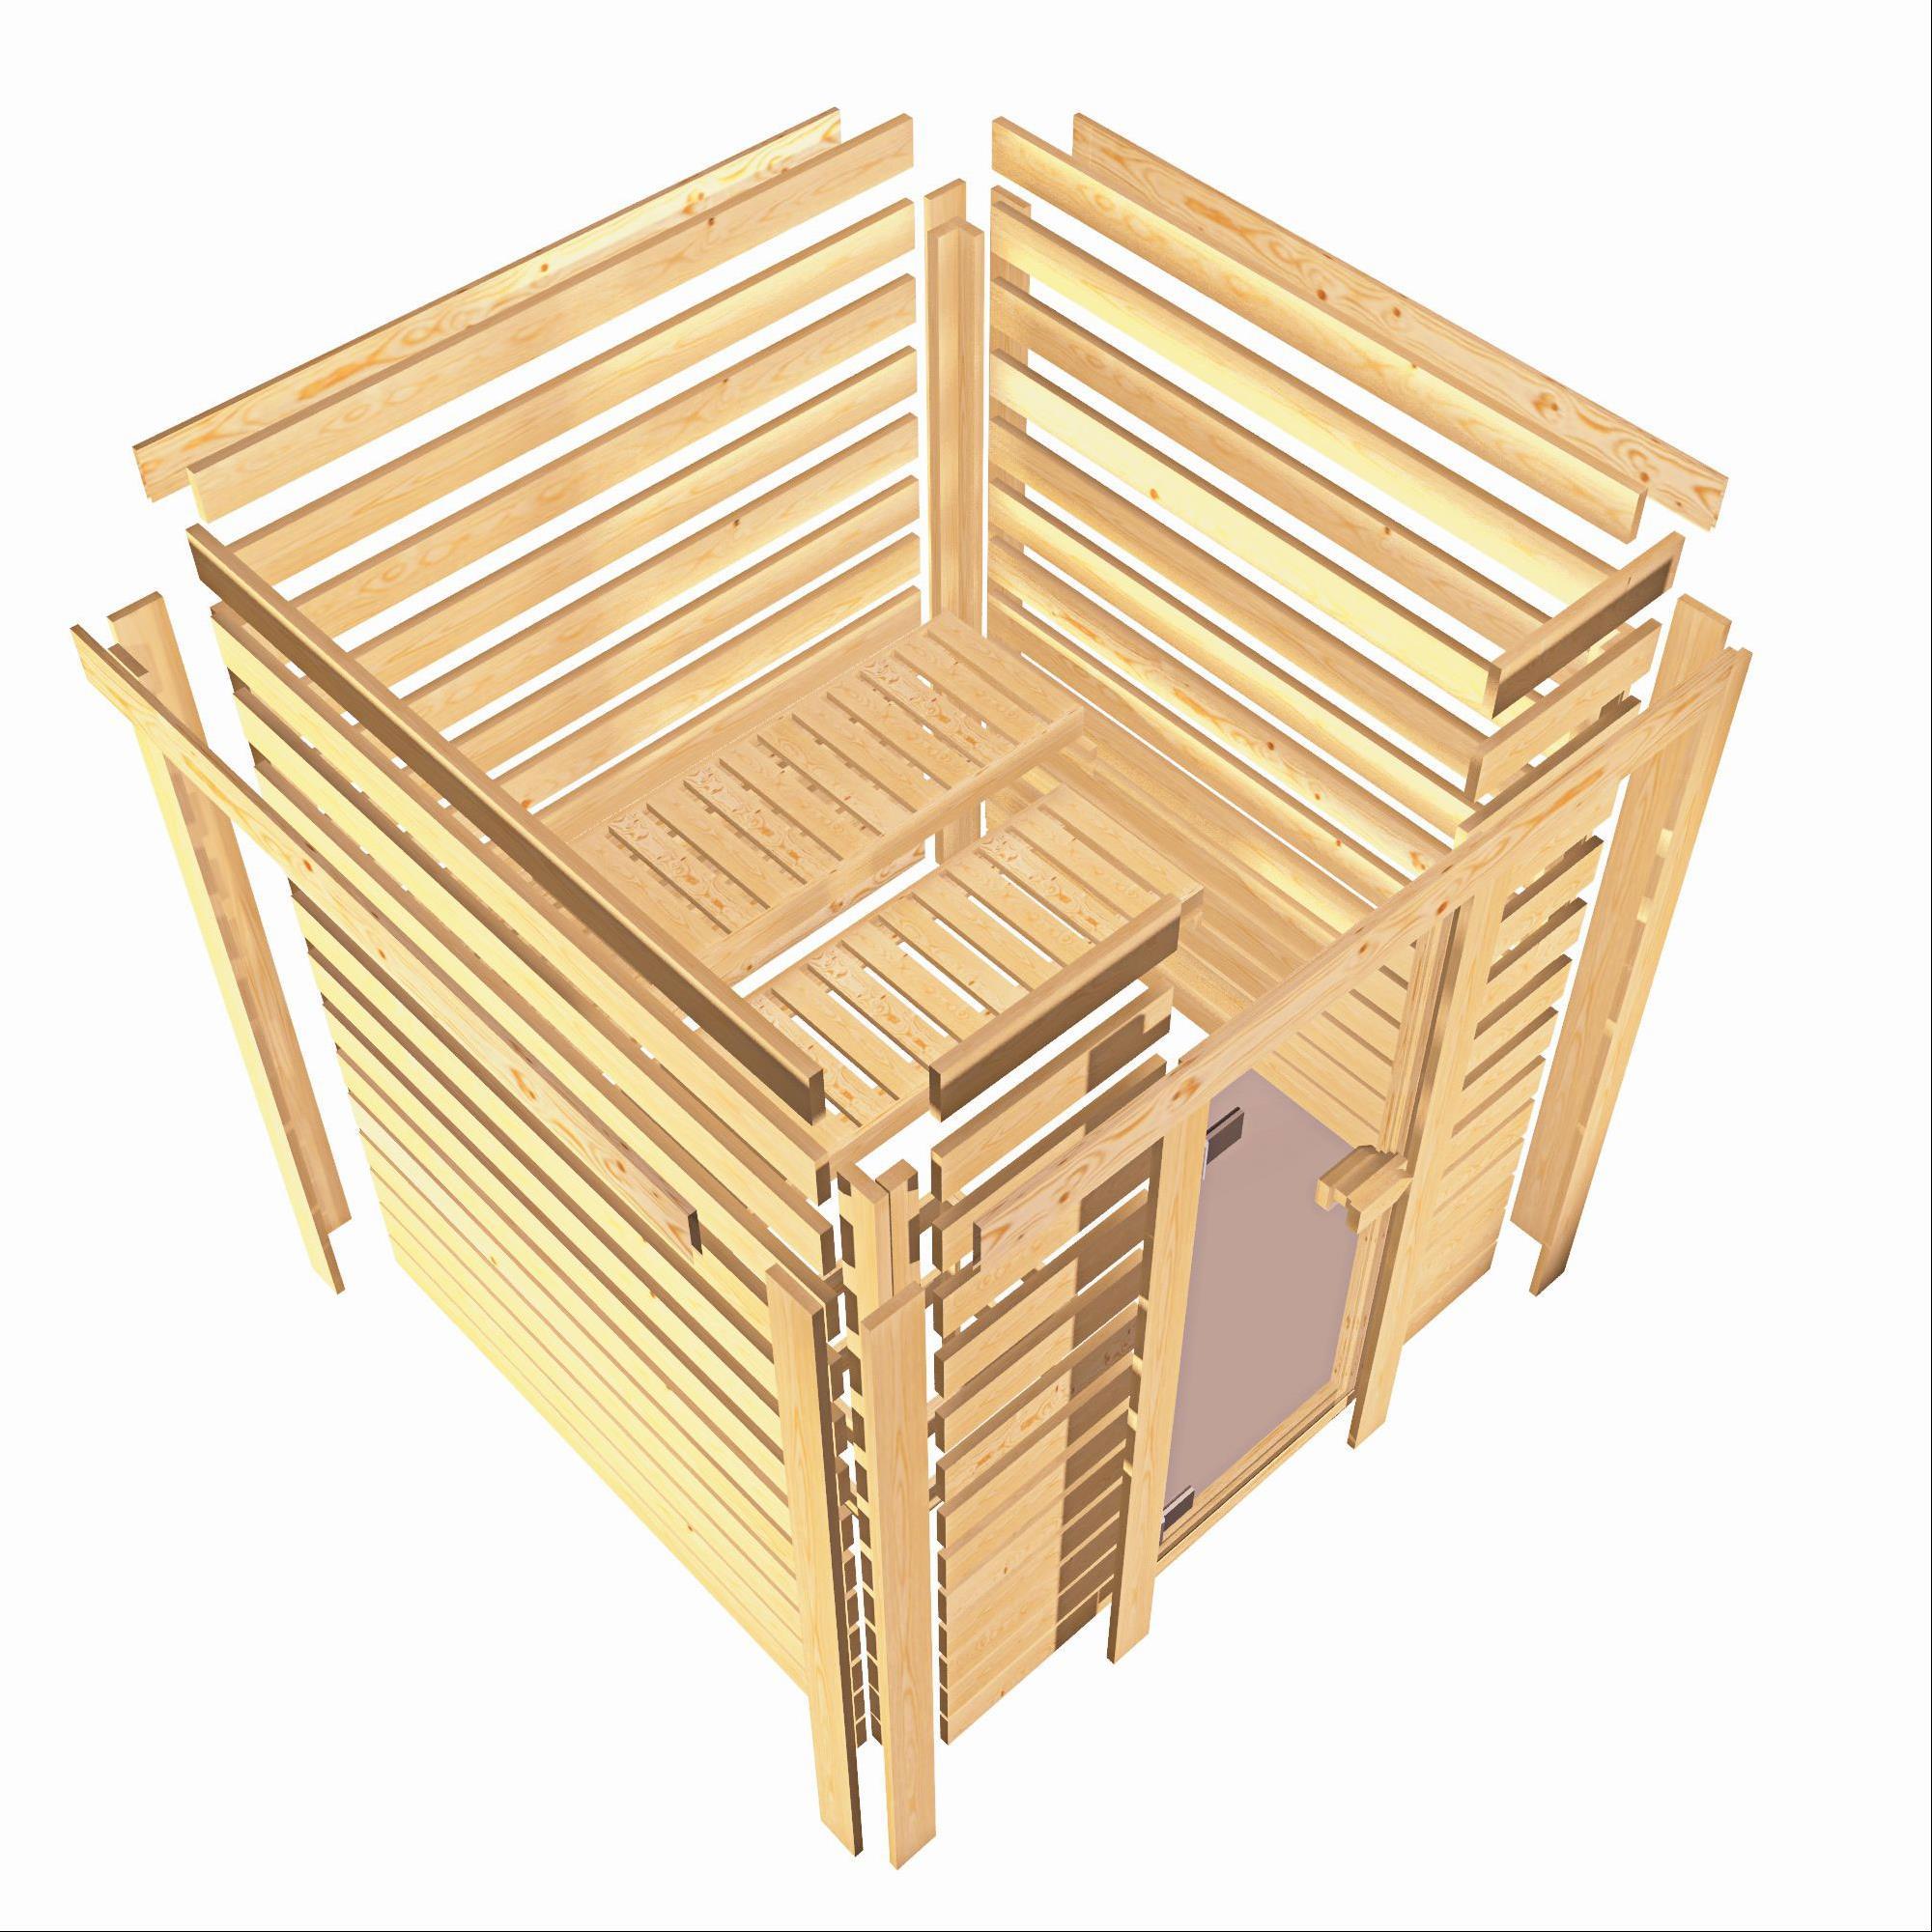 WoodFeeling Sauna Mia 38mm Saunaofen 9kW extern Classic Tür Bild 4